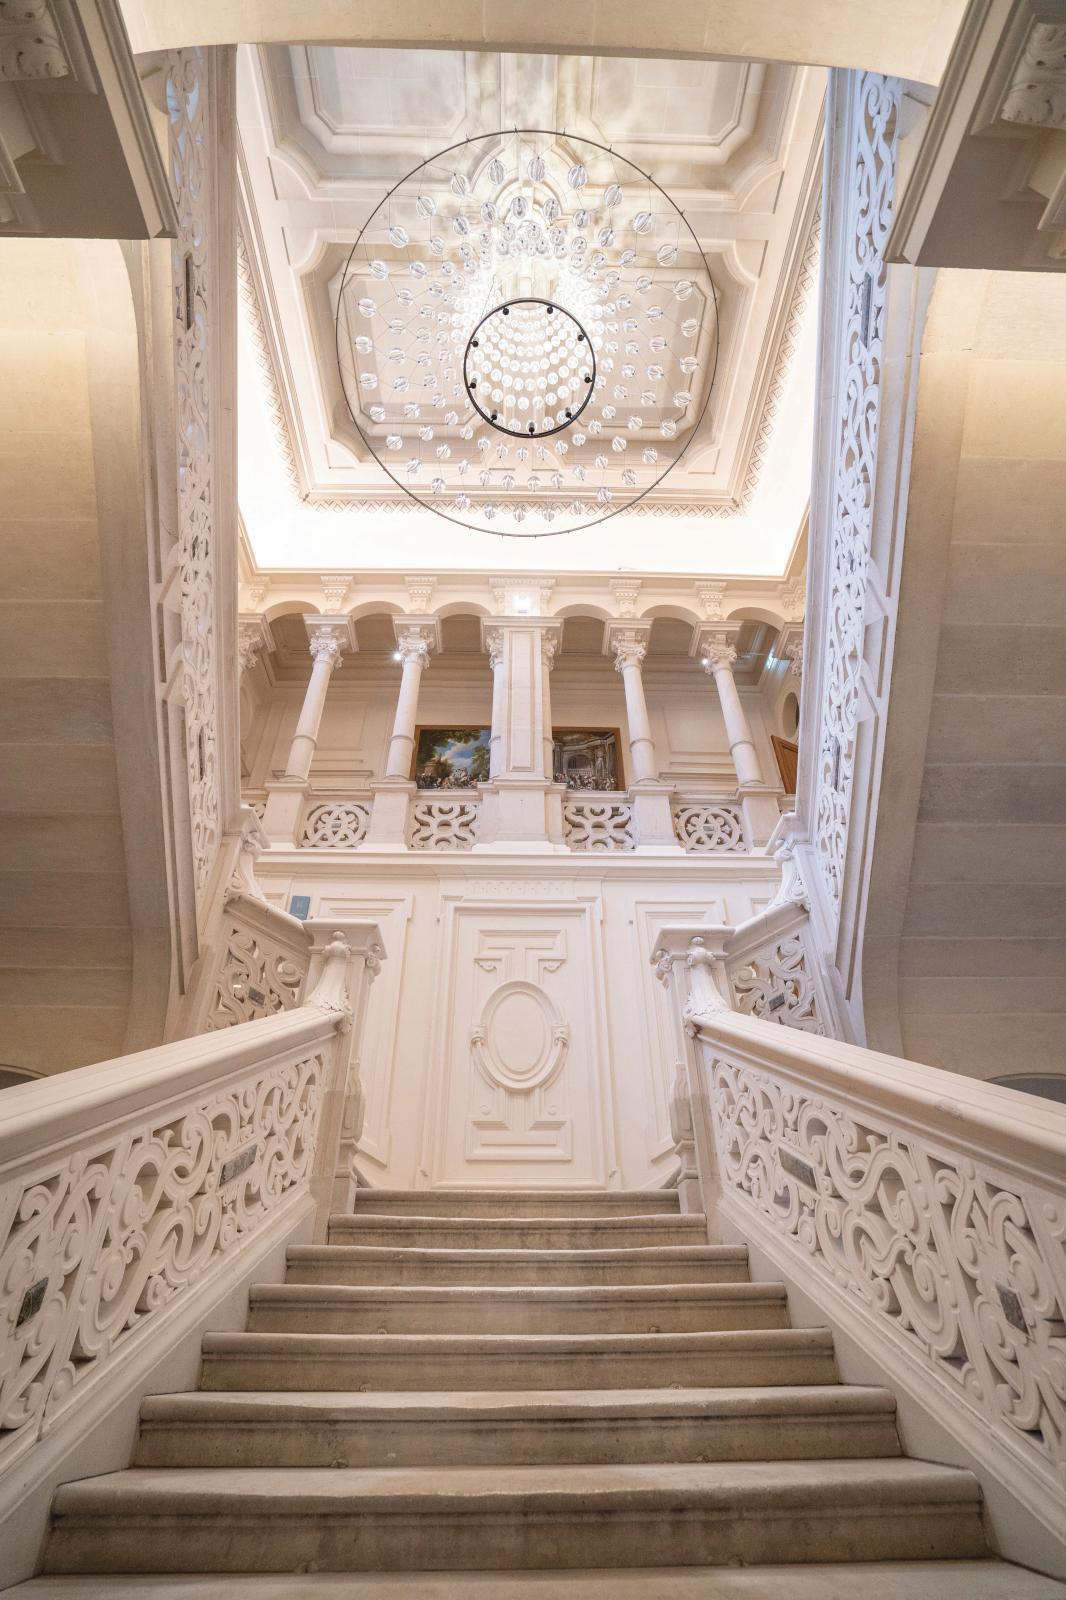 L'escalier d'honneur.© Noémie Cozette/Ville d'Épernay